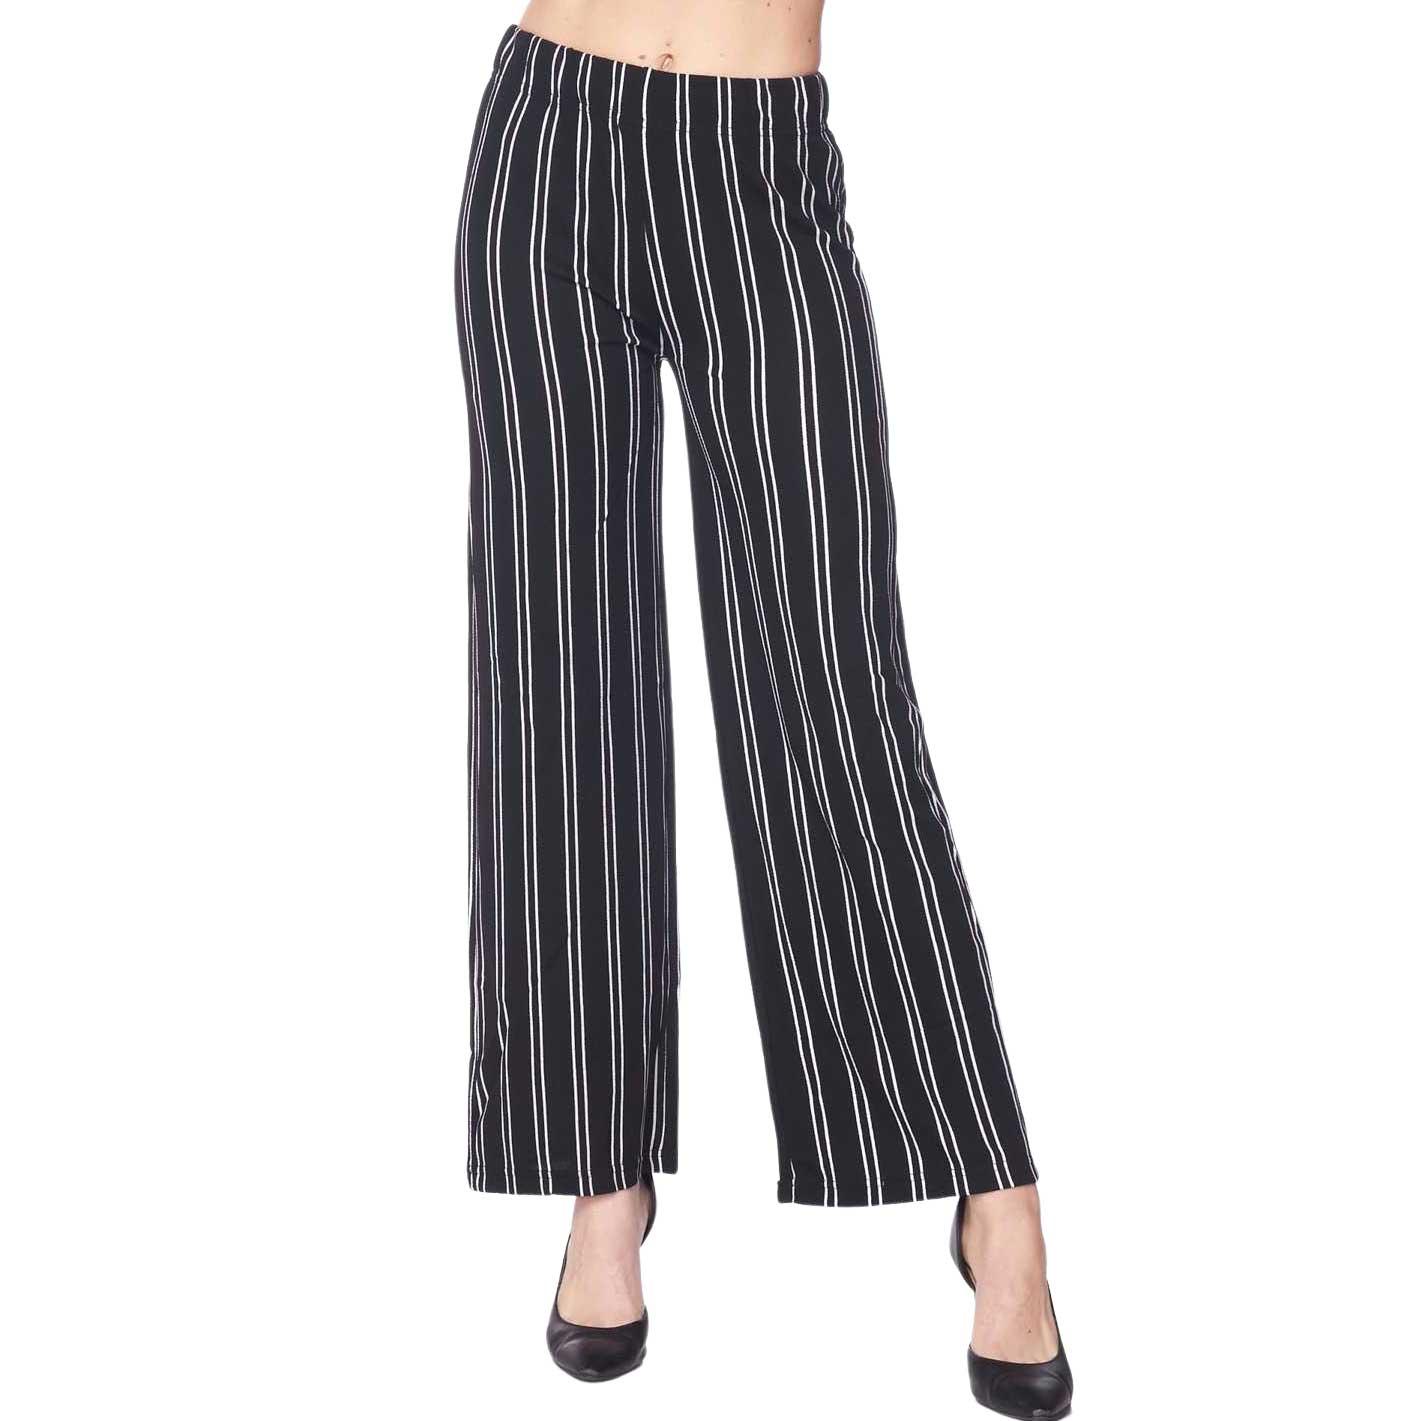 Pants - Striped 1926